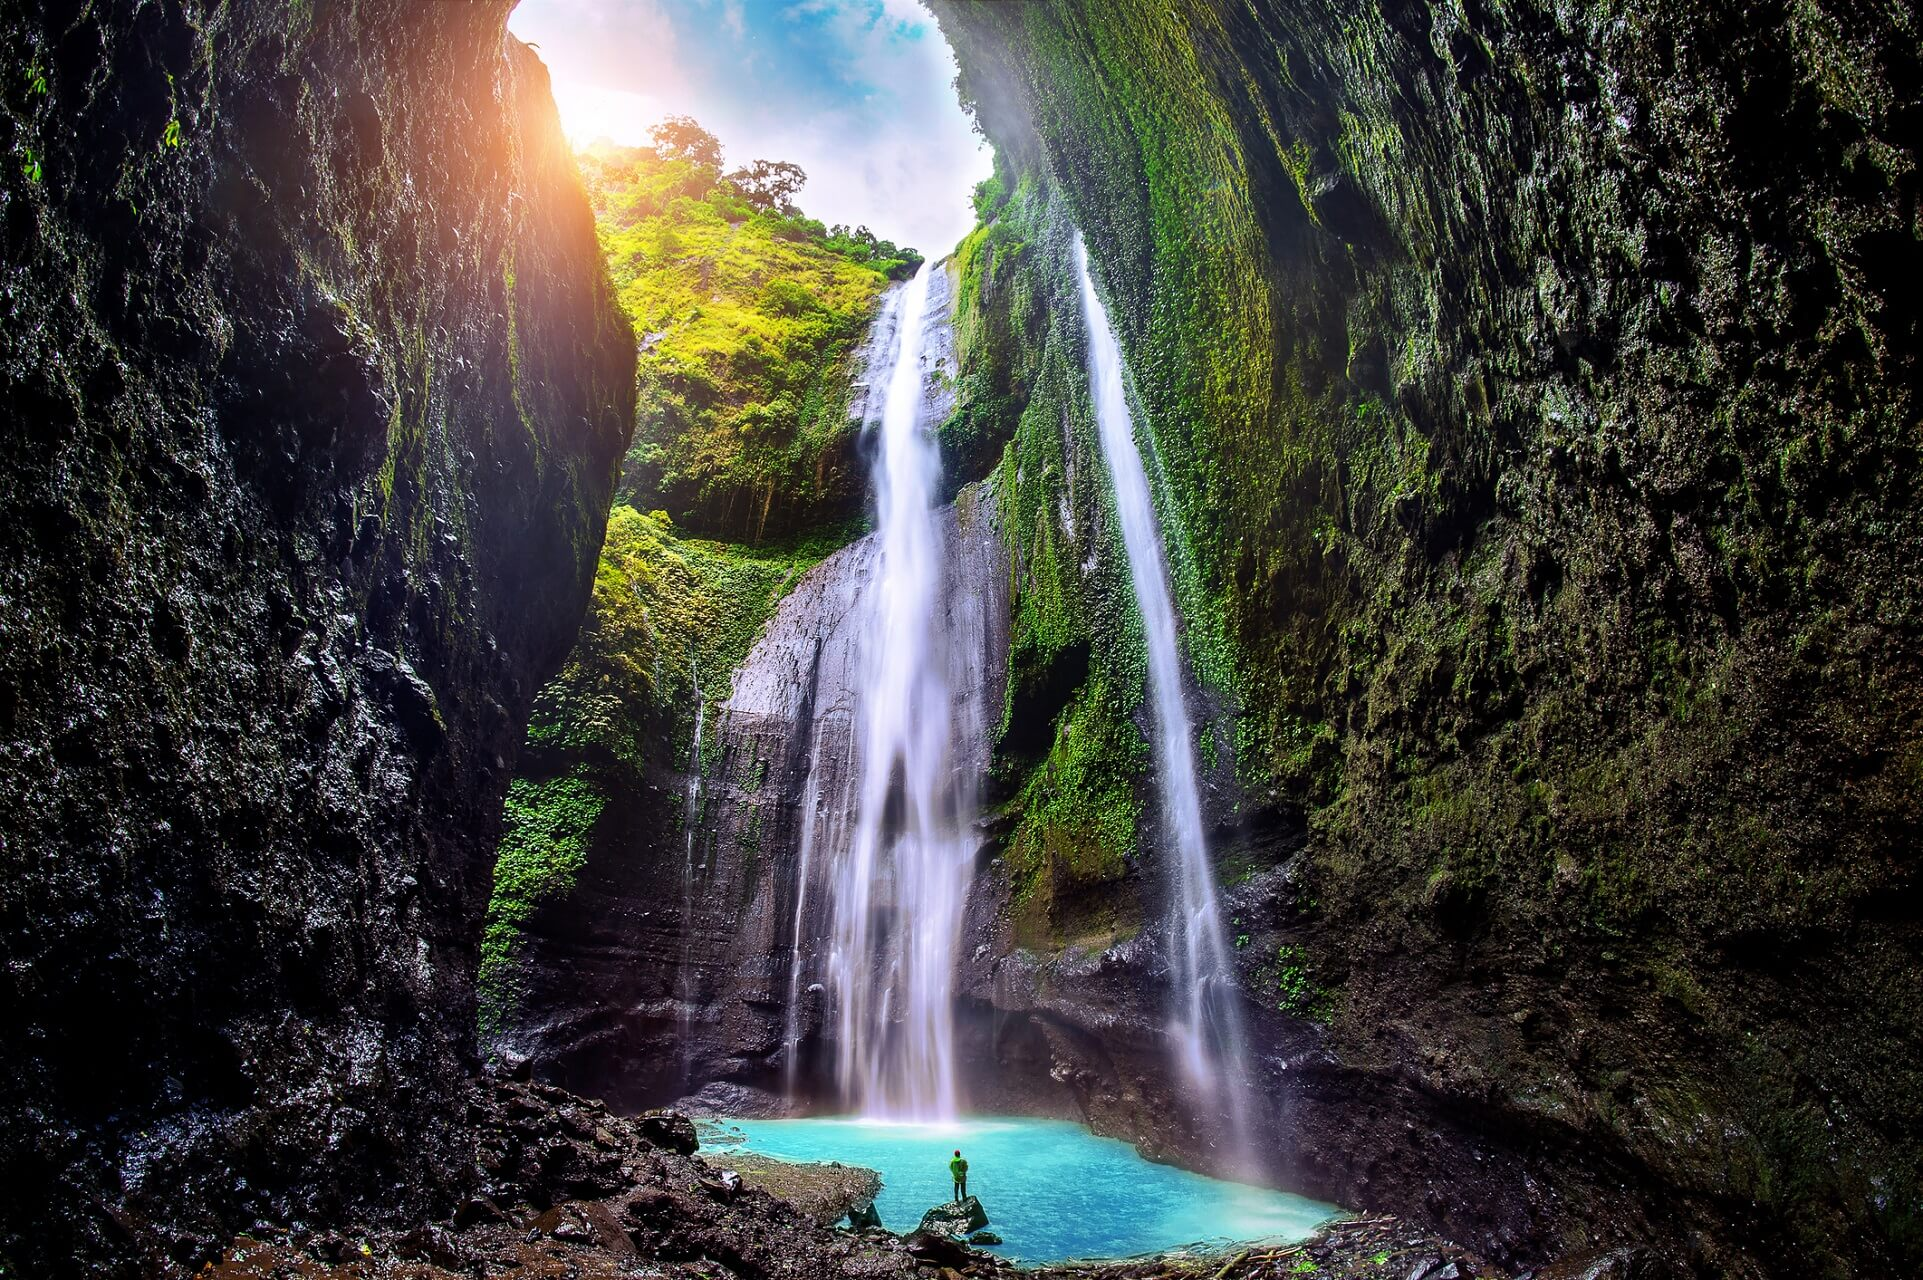 Java kann seinen Reisenden eine unglaubliche Natur bieten